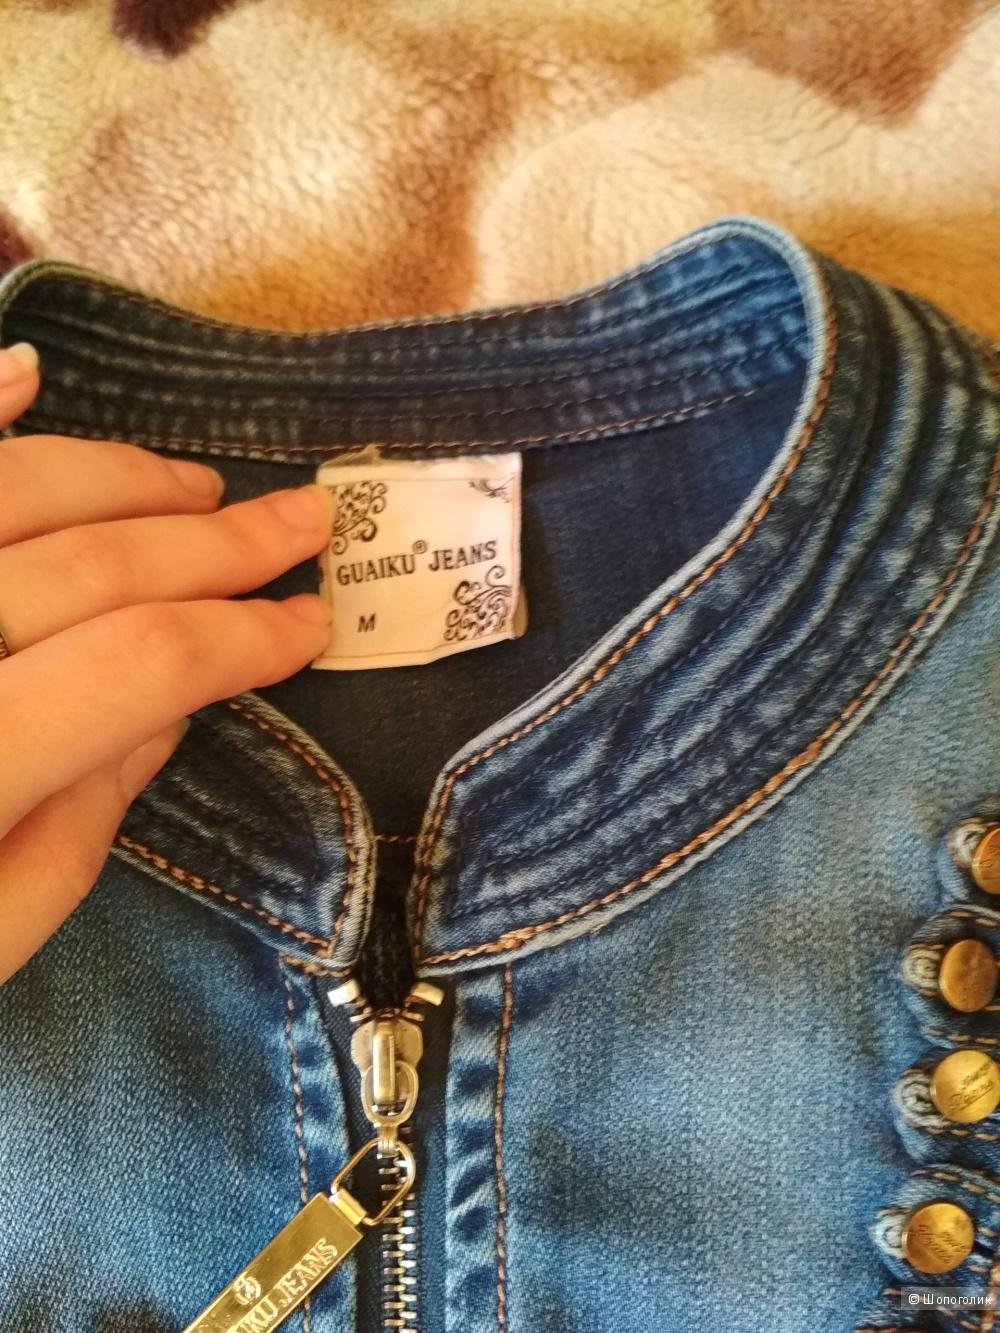 Джинсовка Guaiku jeans, размер М